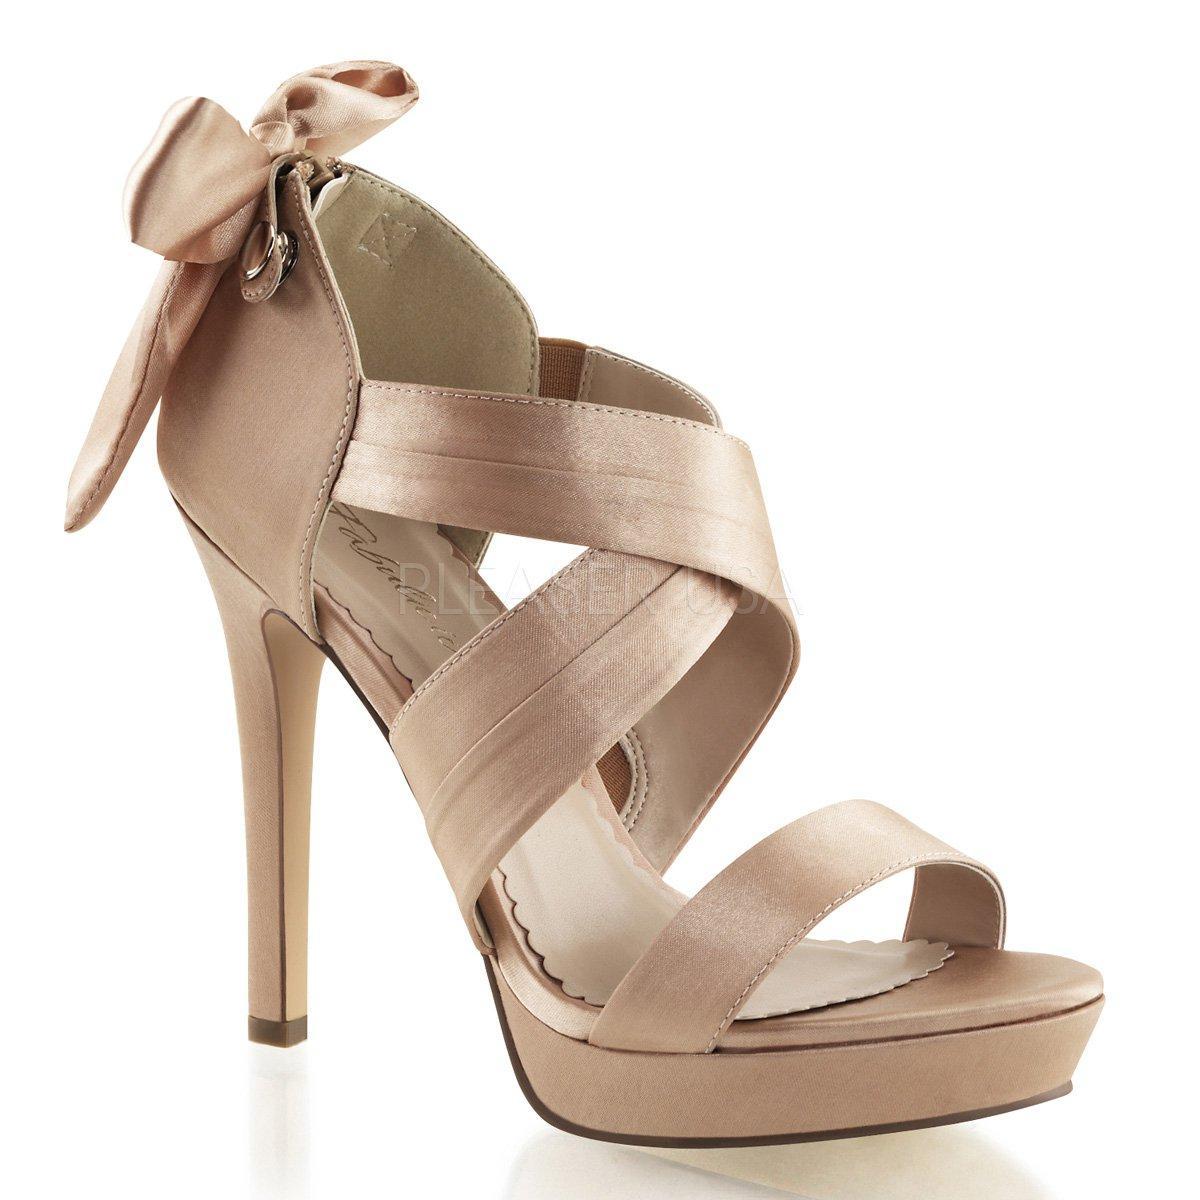 LUMINA-29 Luxusní krémové páskové sandálky s mašlí na vysokém podpatku 5f3462c071